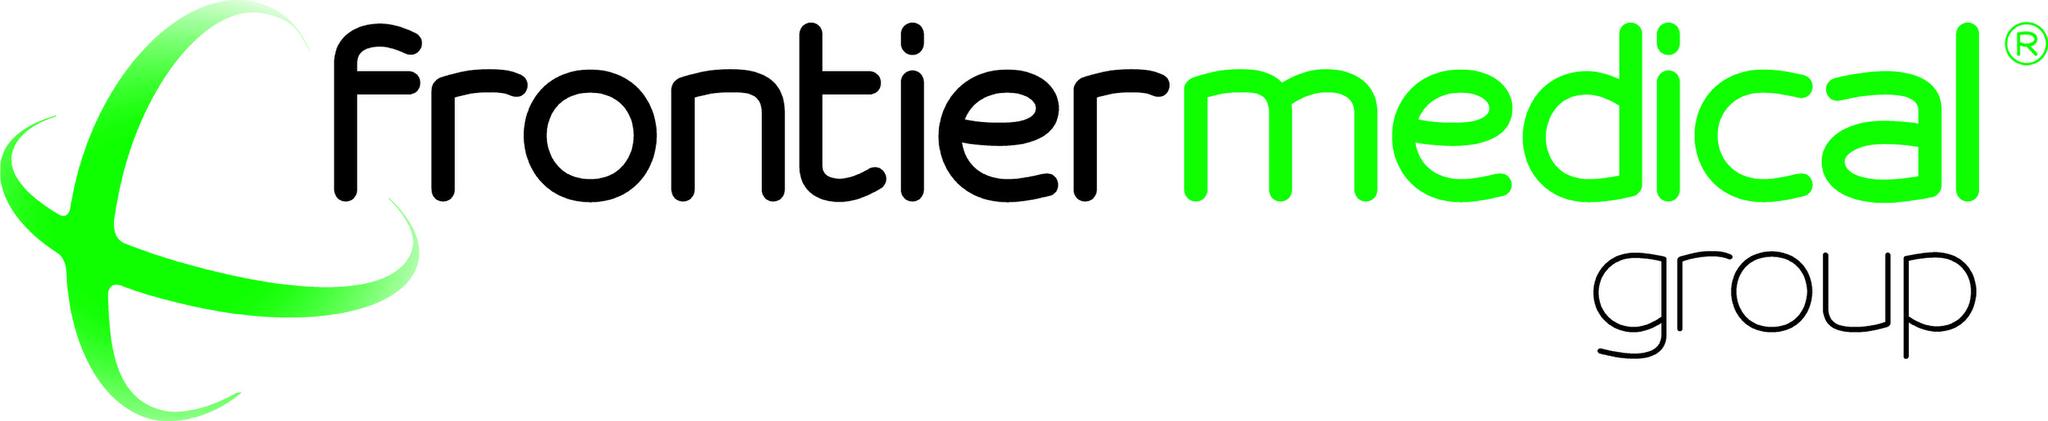 Frontiermedical